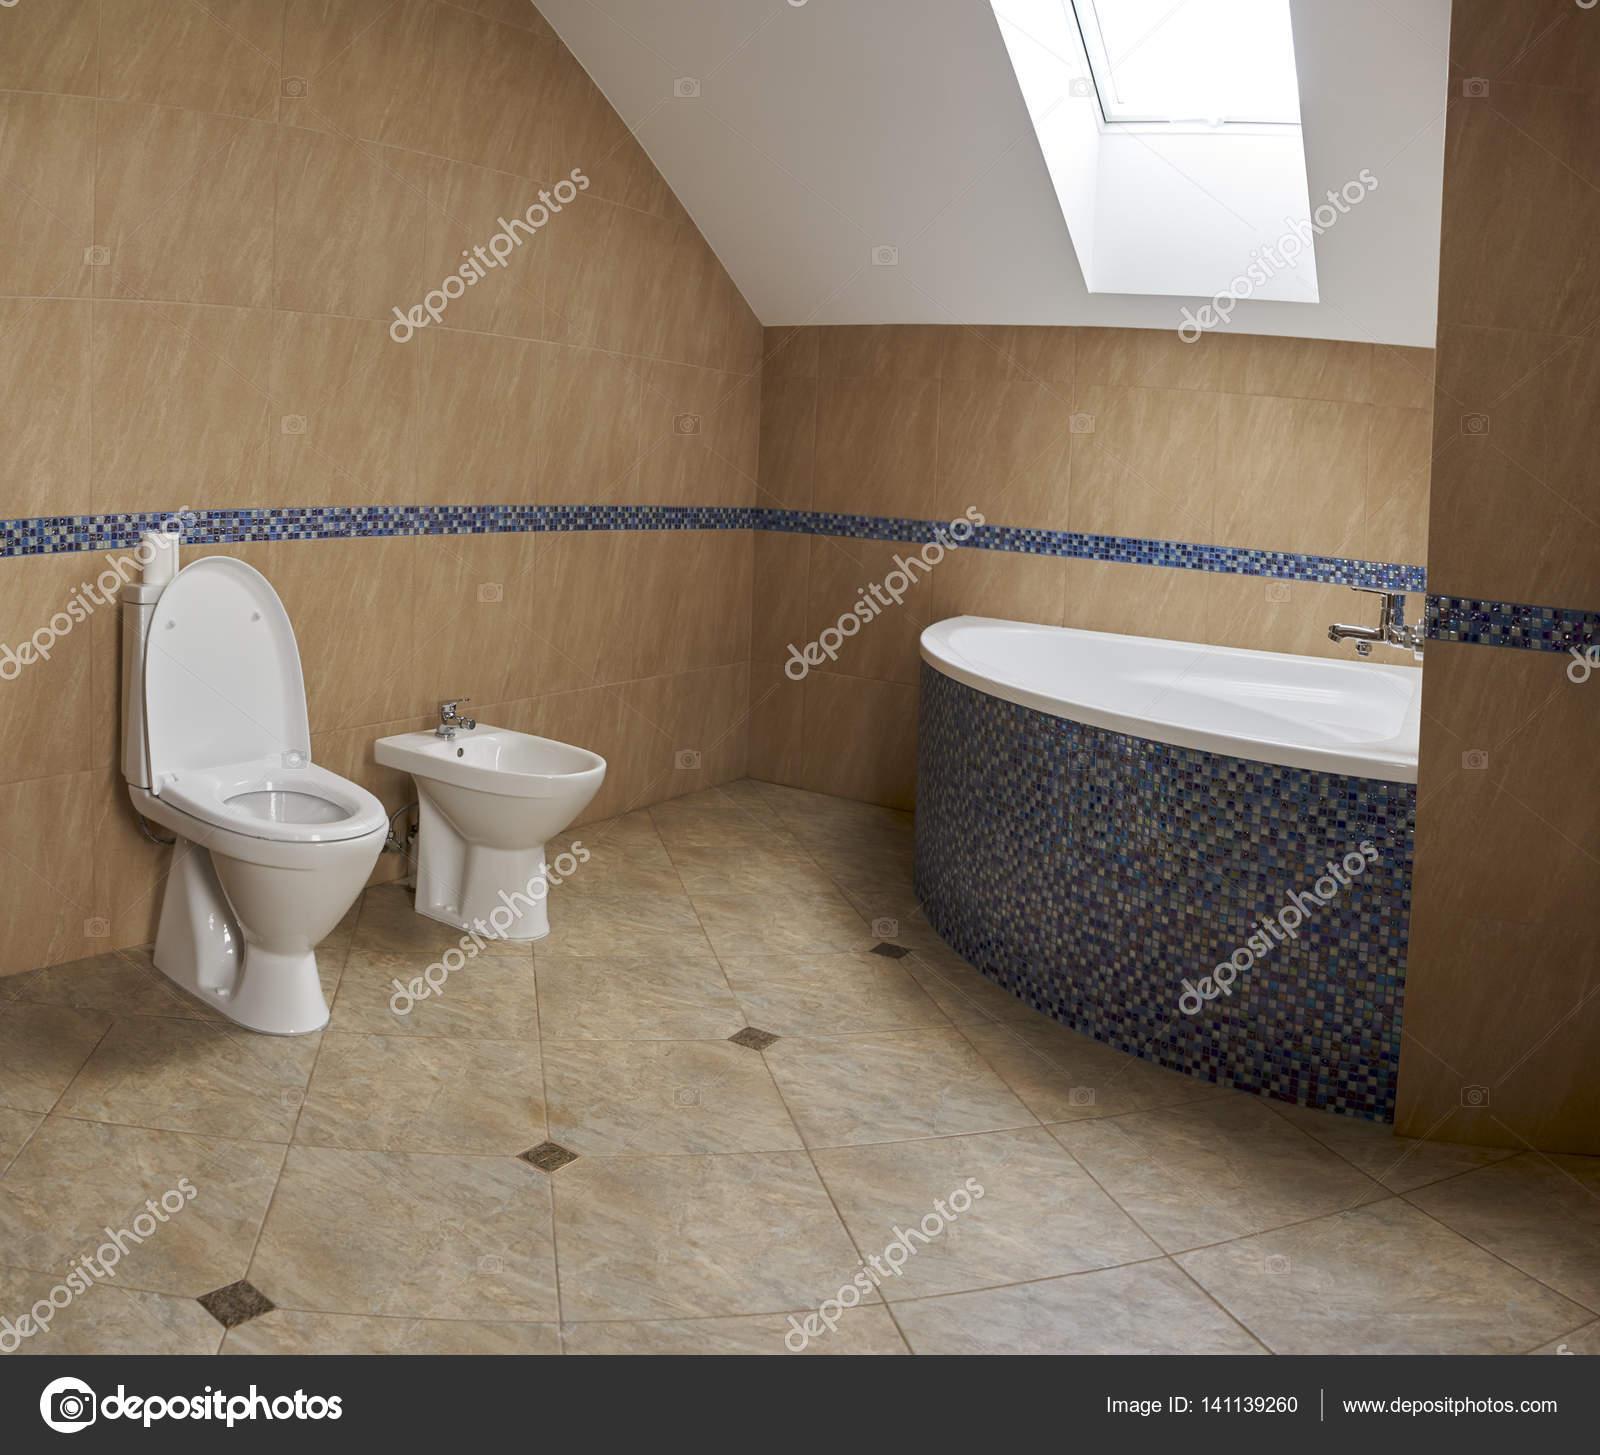 Badezimmer Dachboden Im Stil Des Minimalismus Stockfoto